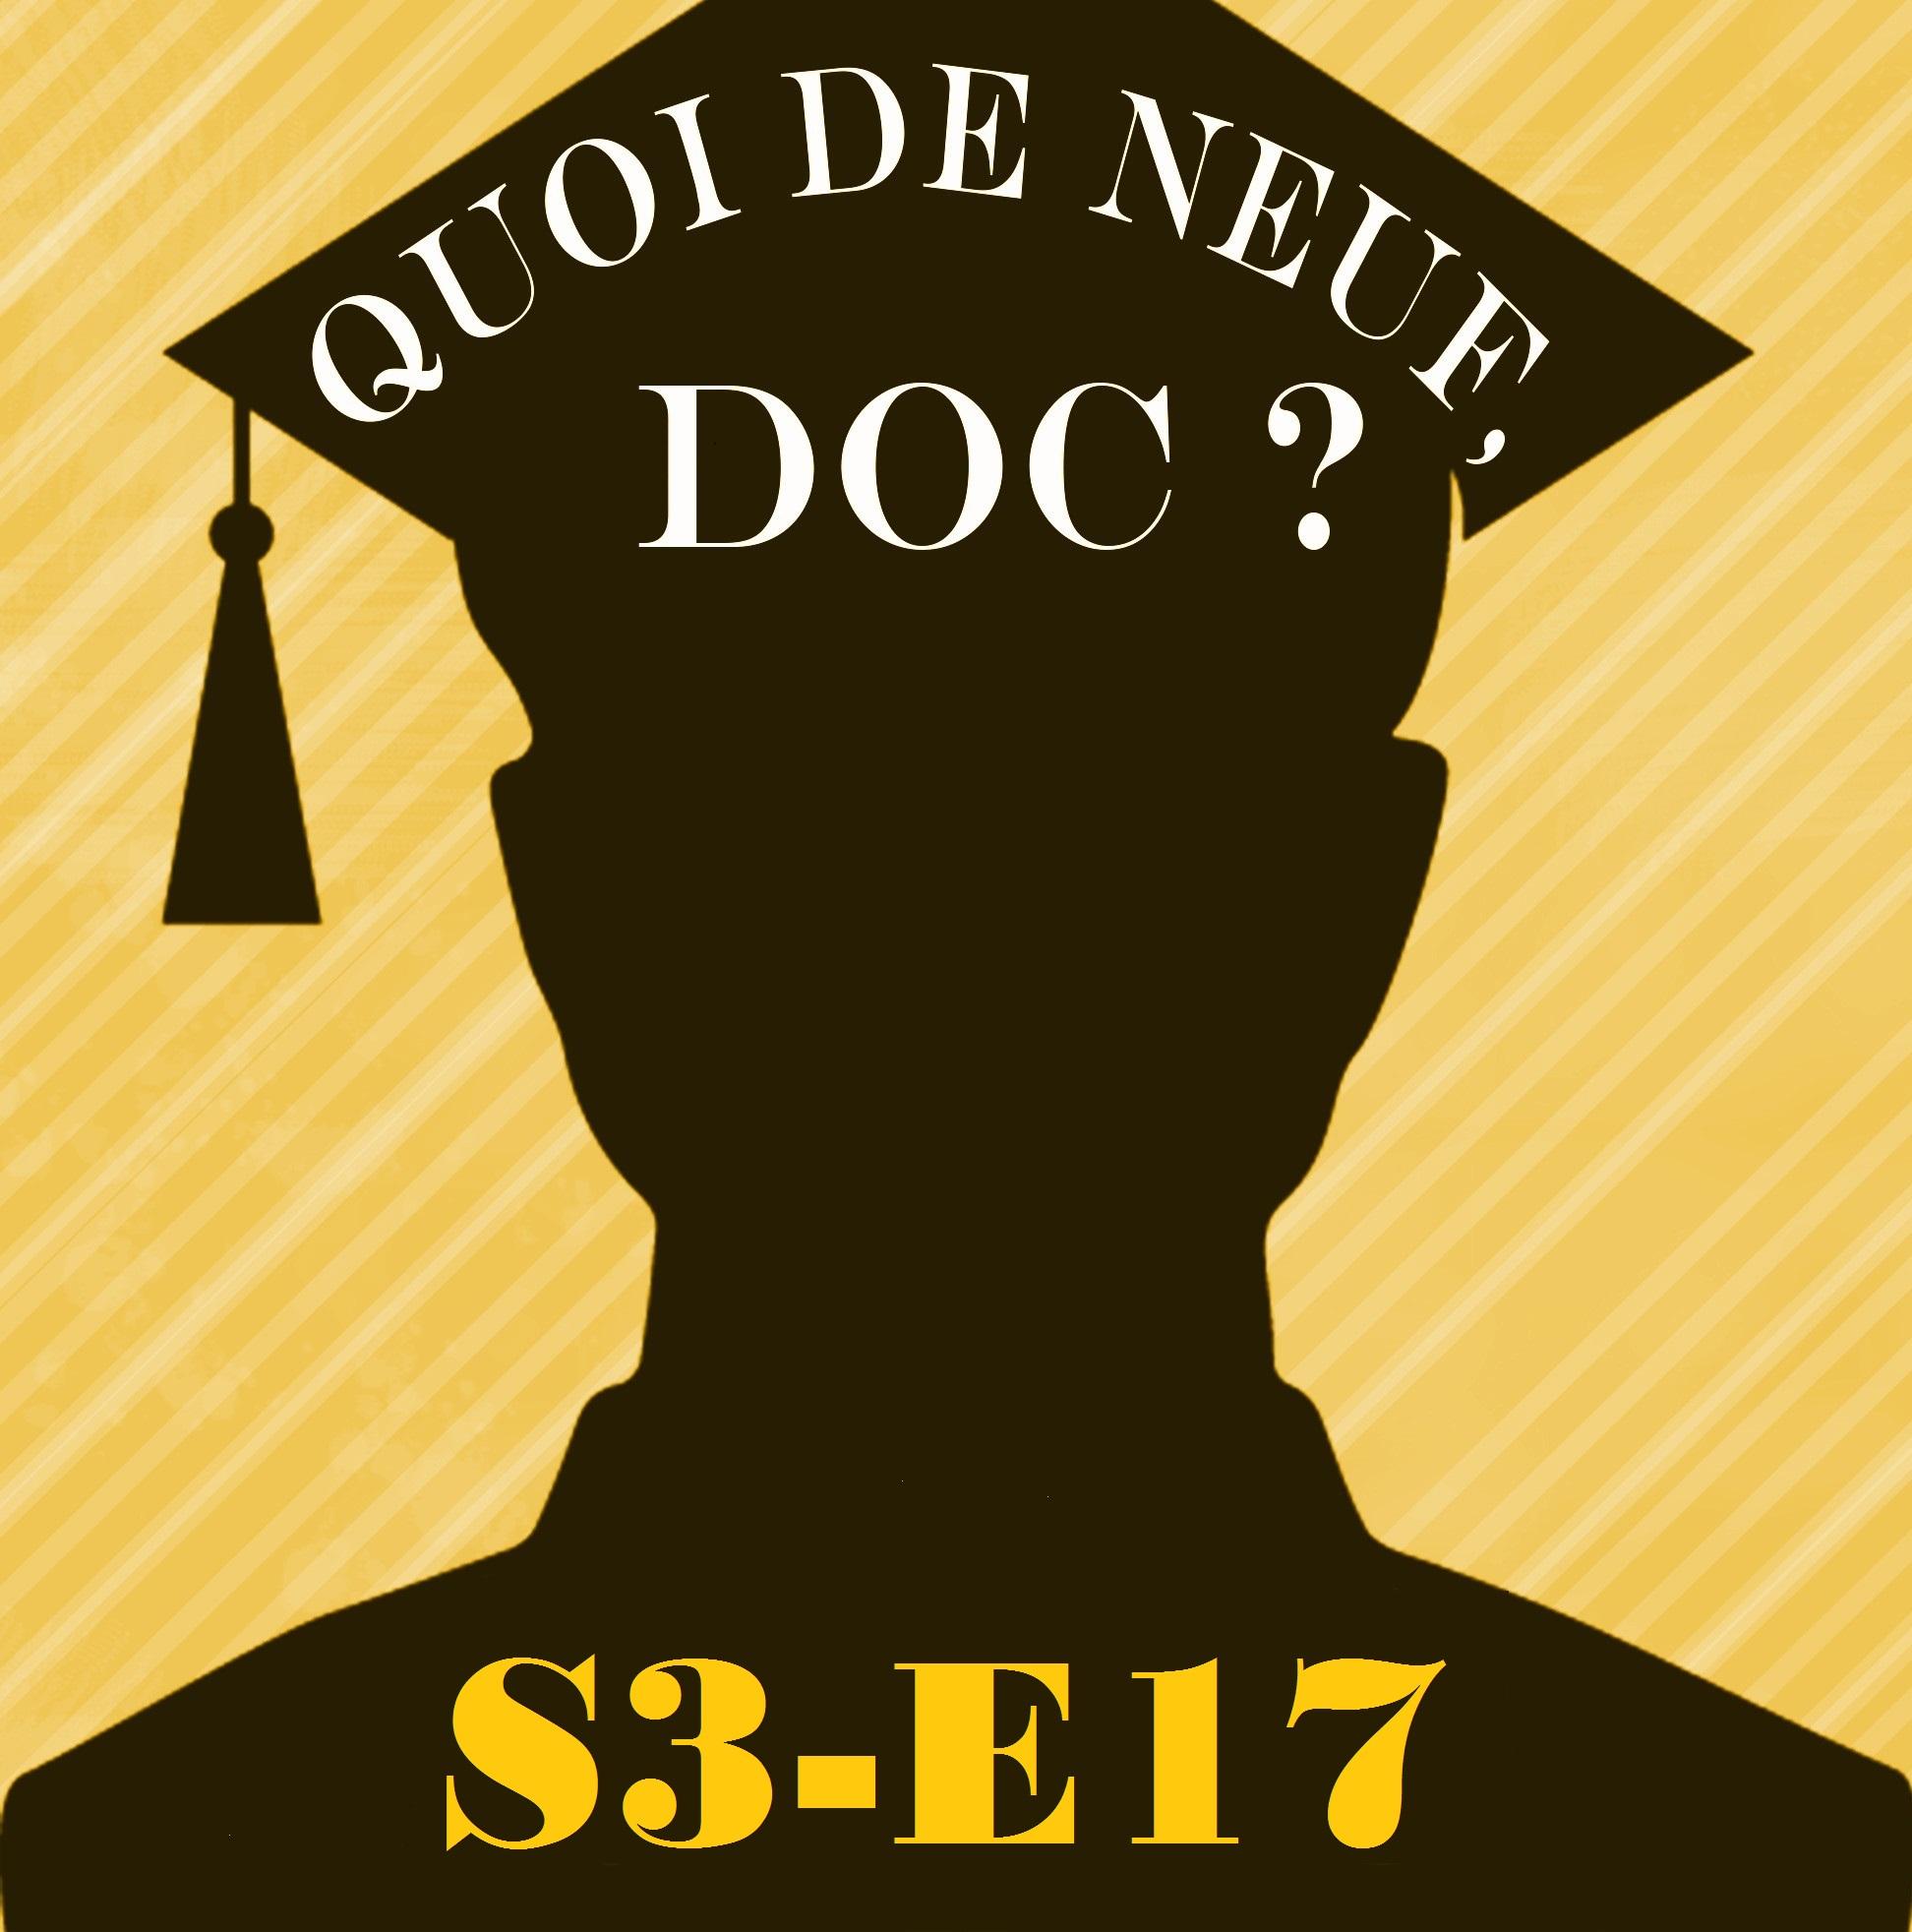 QDND S3E17 Emission du 5 Juillet